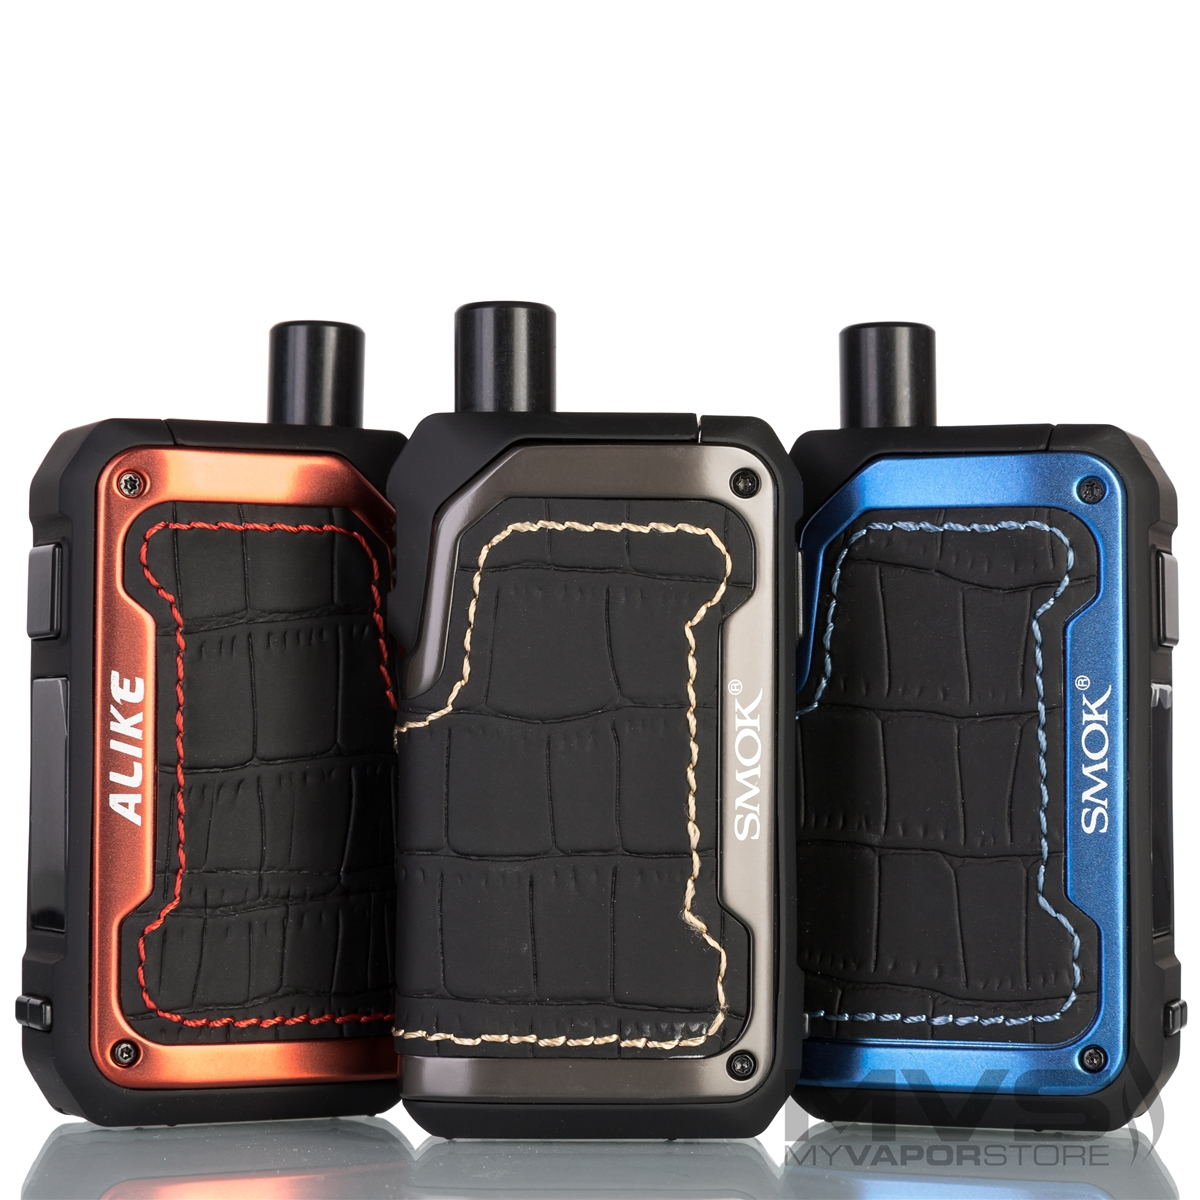 SMOKALIKE40WPodKit 4 - SMOK ALIKE 40W Pod Kit – £18.99